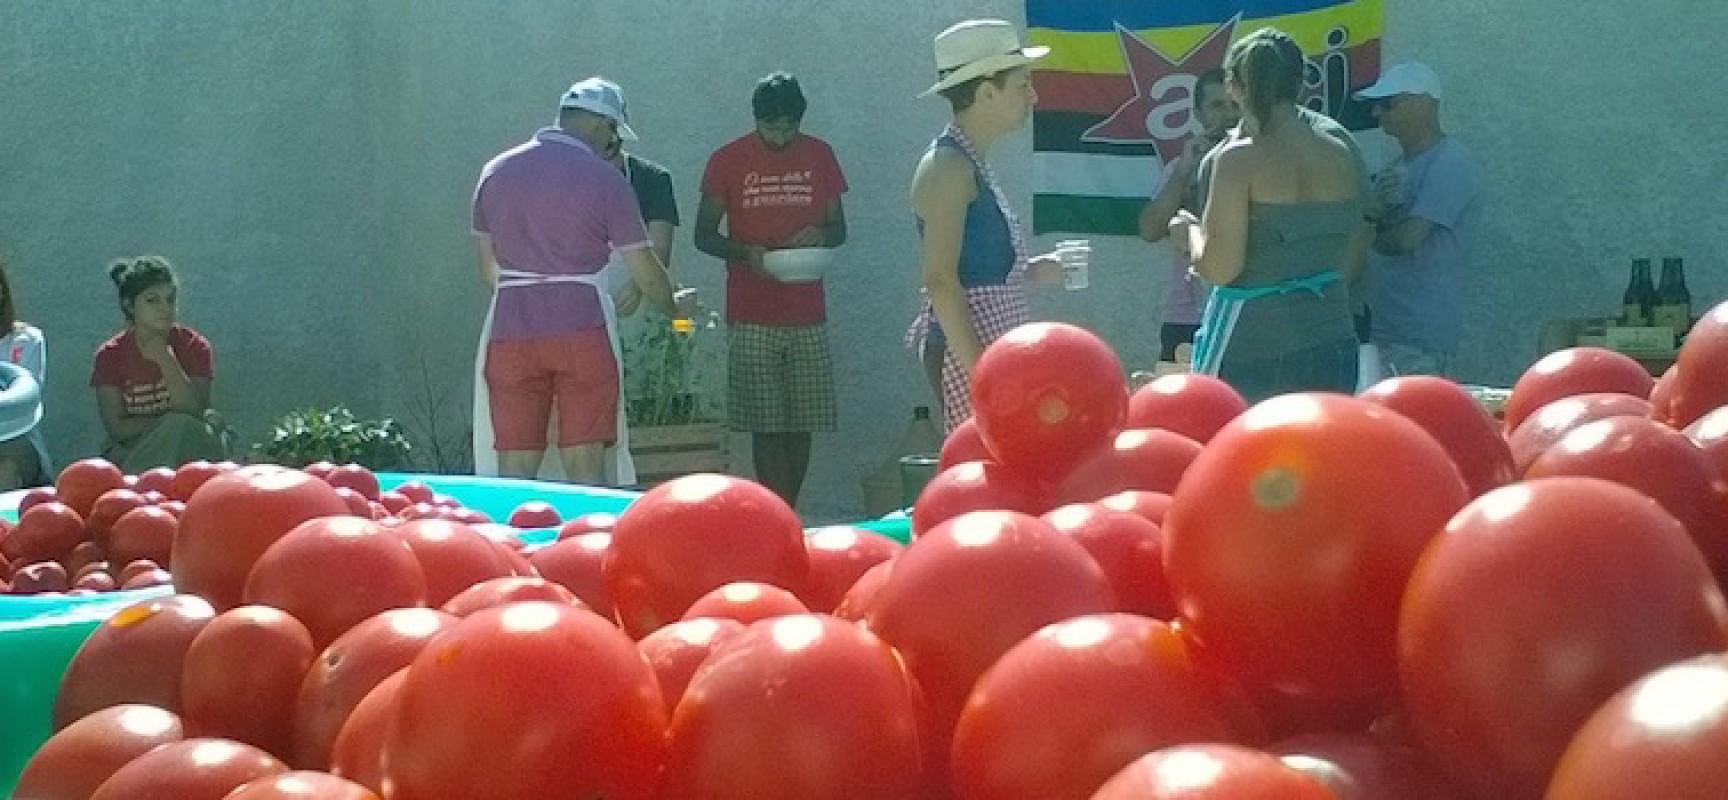 """Torna domani la """"salsa sociale"""" targata Open Source. In serata live dei Kalifoo Ground Music System"""